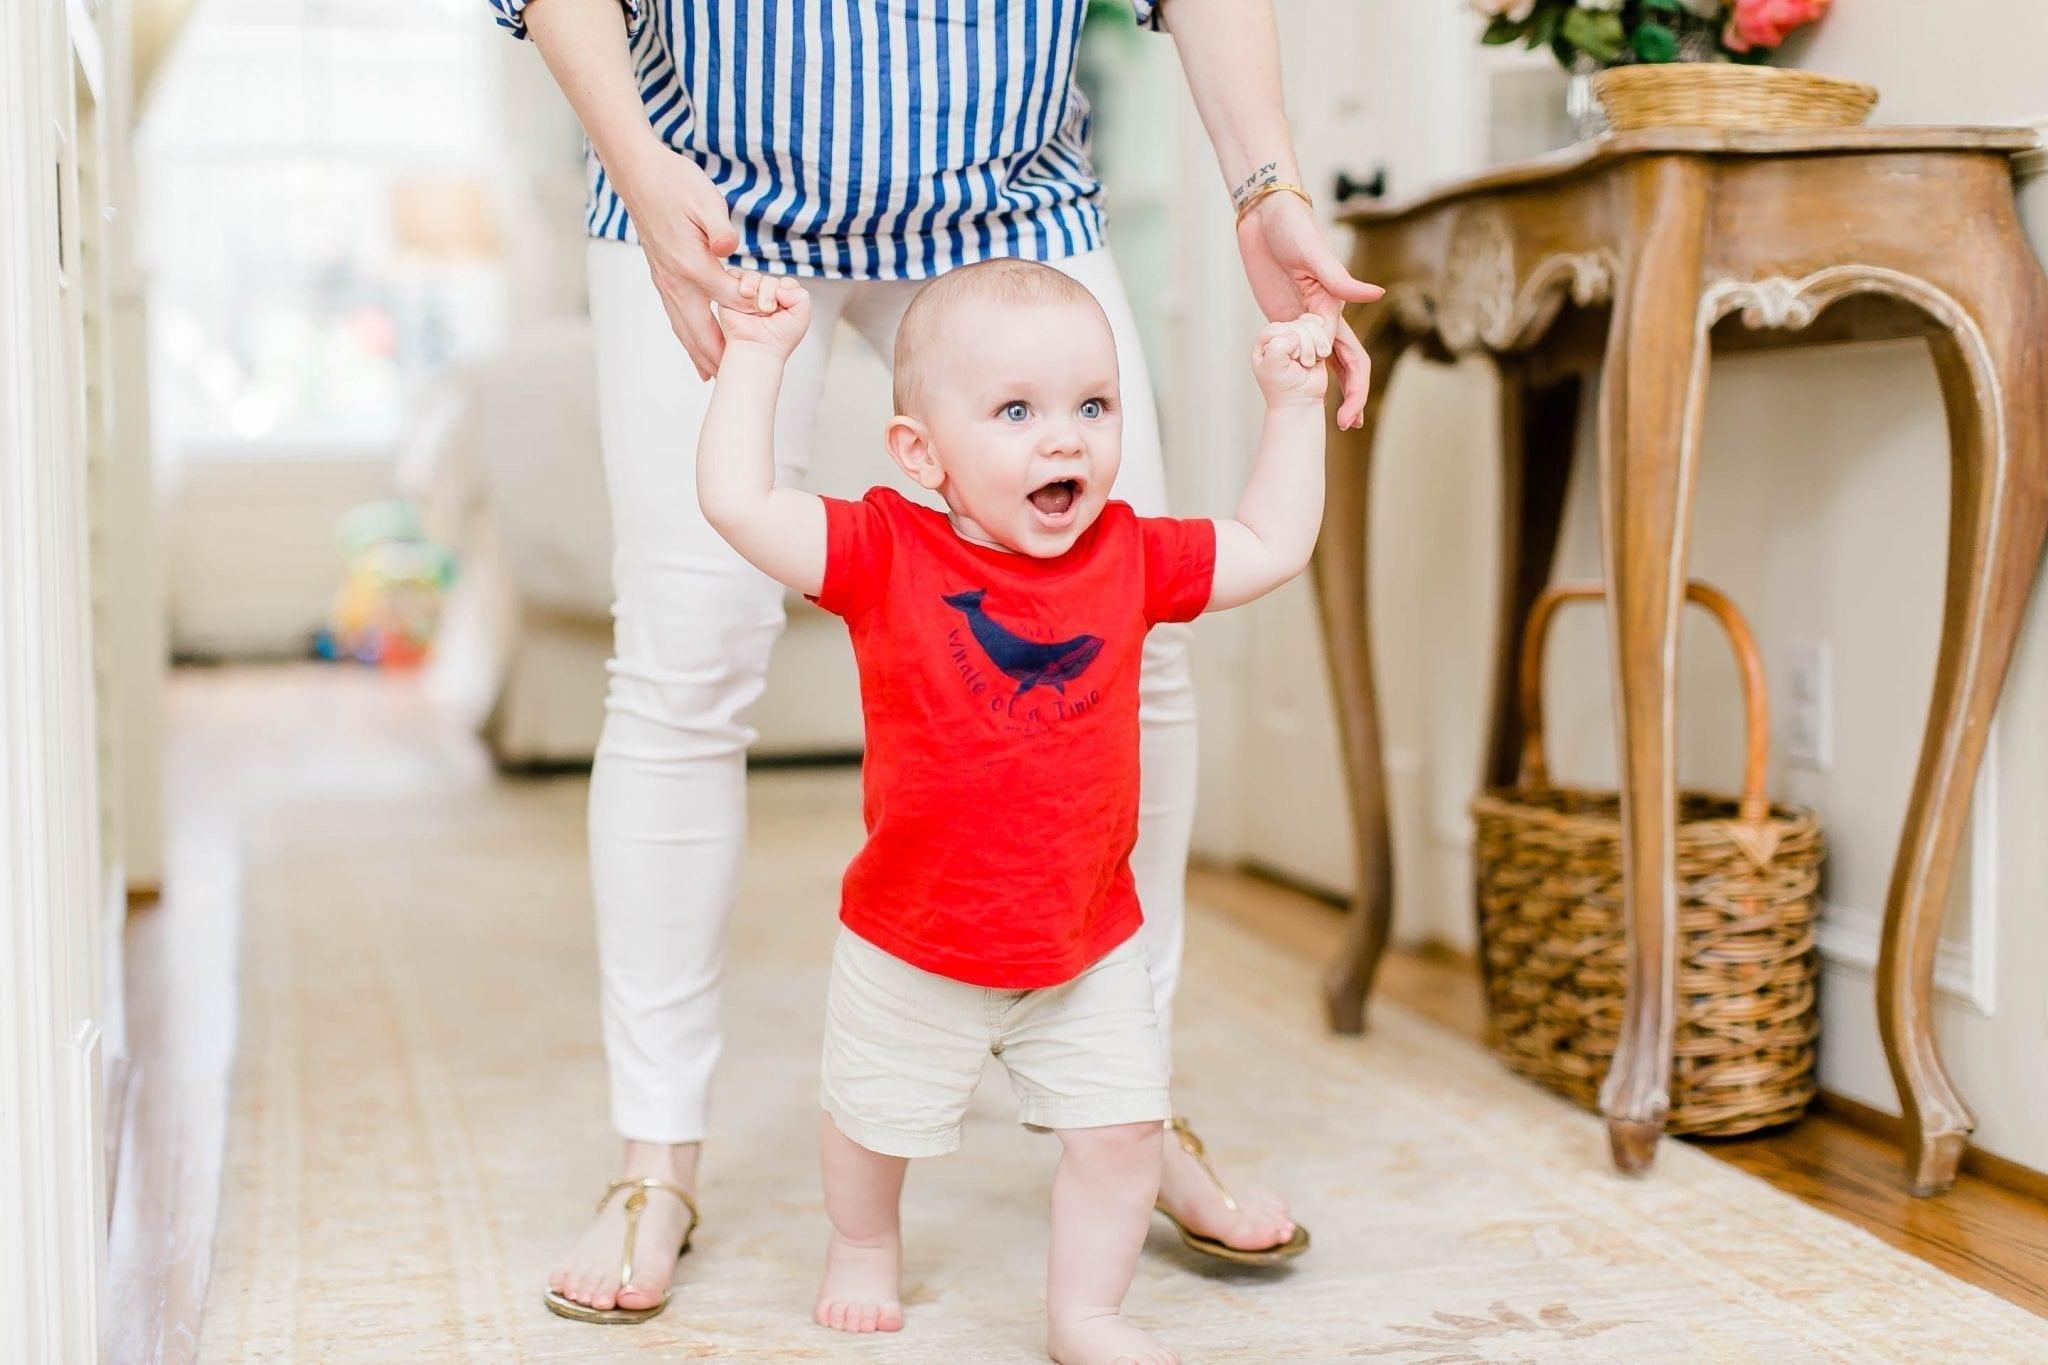 Why isn't My Baby Walking Yet?